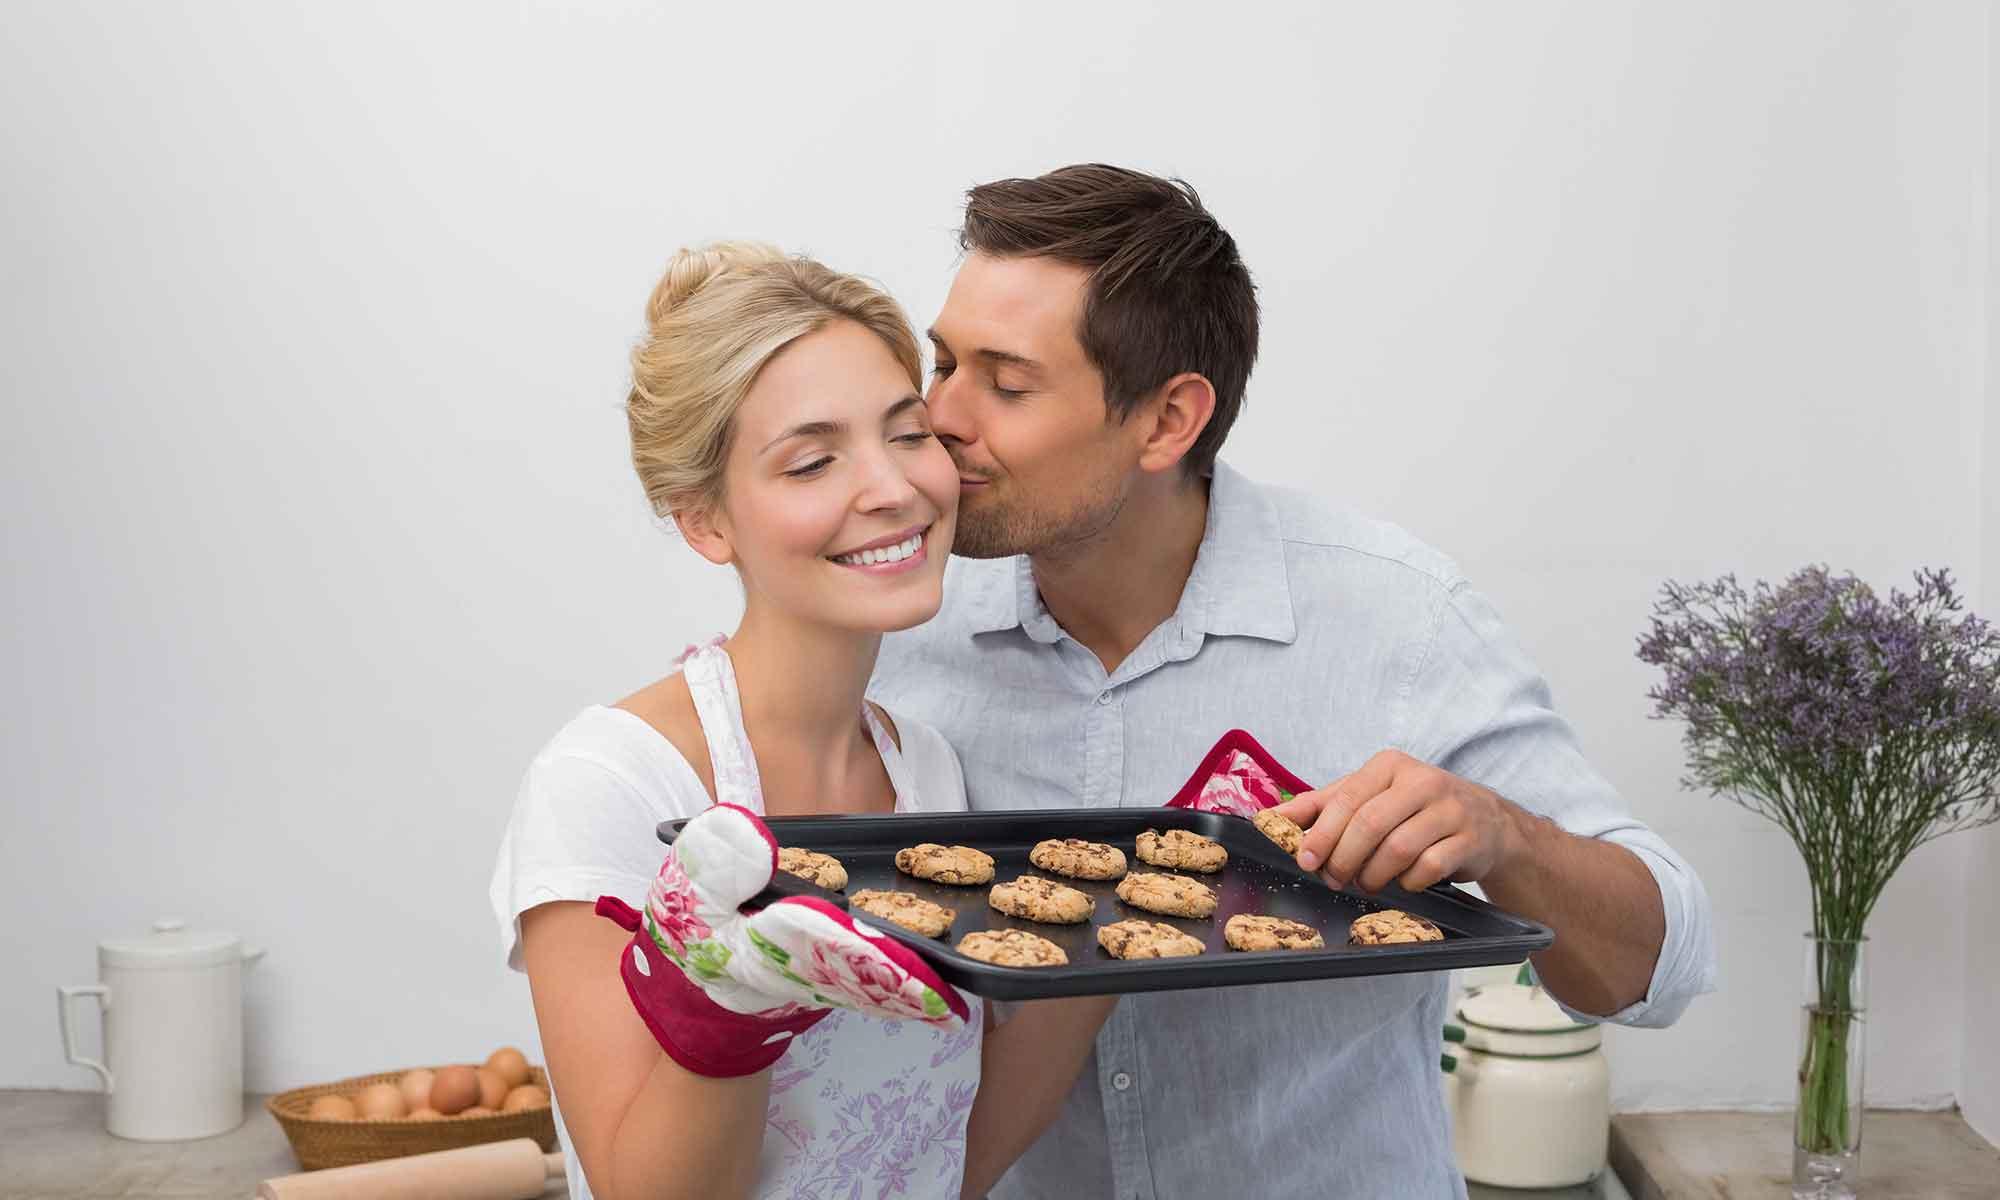 man kust vrouw met bakplaat vol koekjes